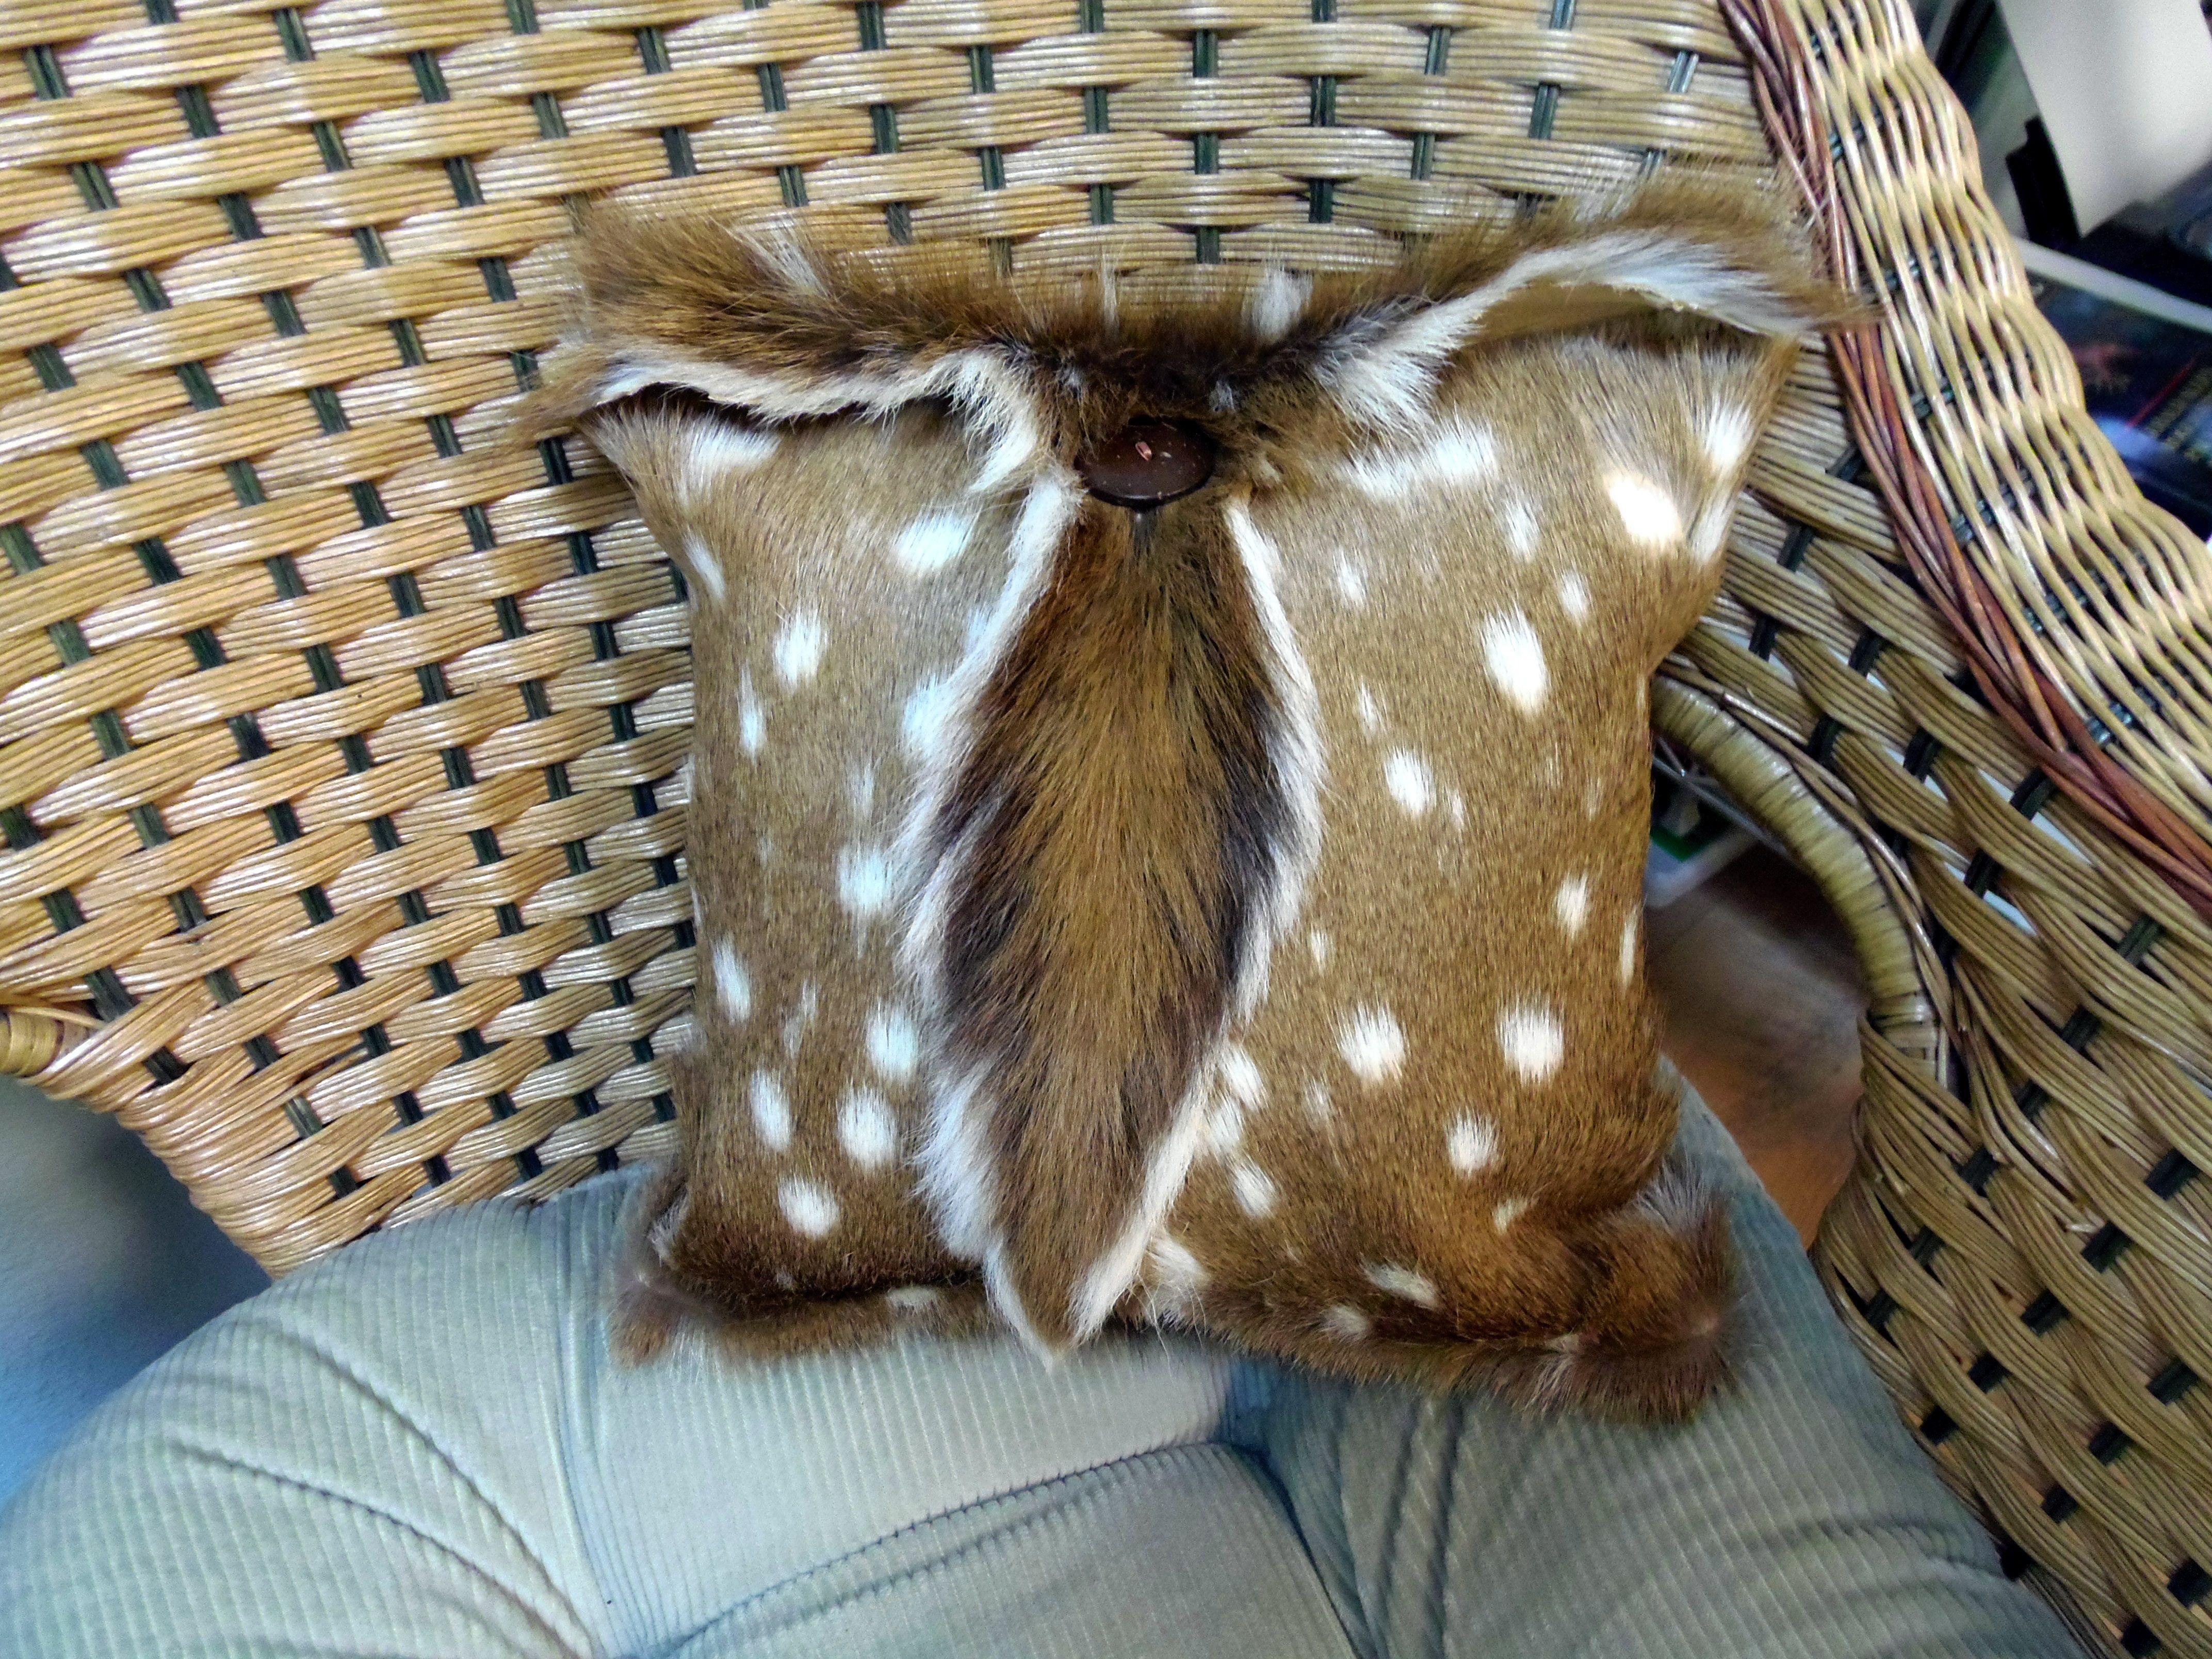 deer skin pillows - Google Search | Deer :) | Pinterest ...